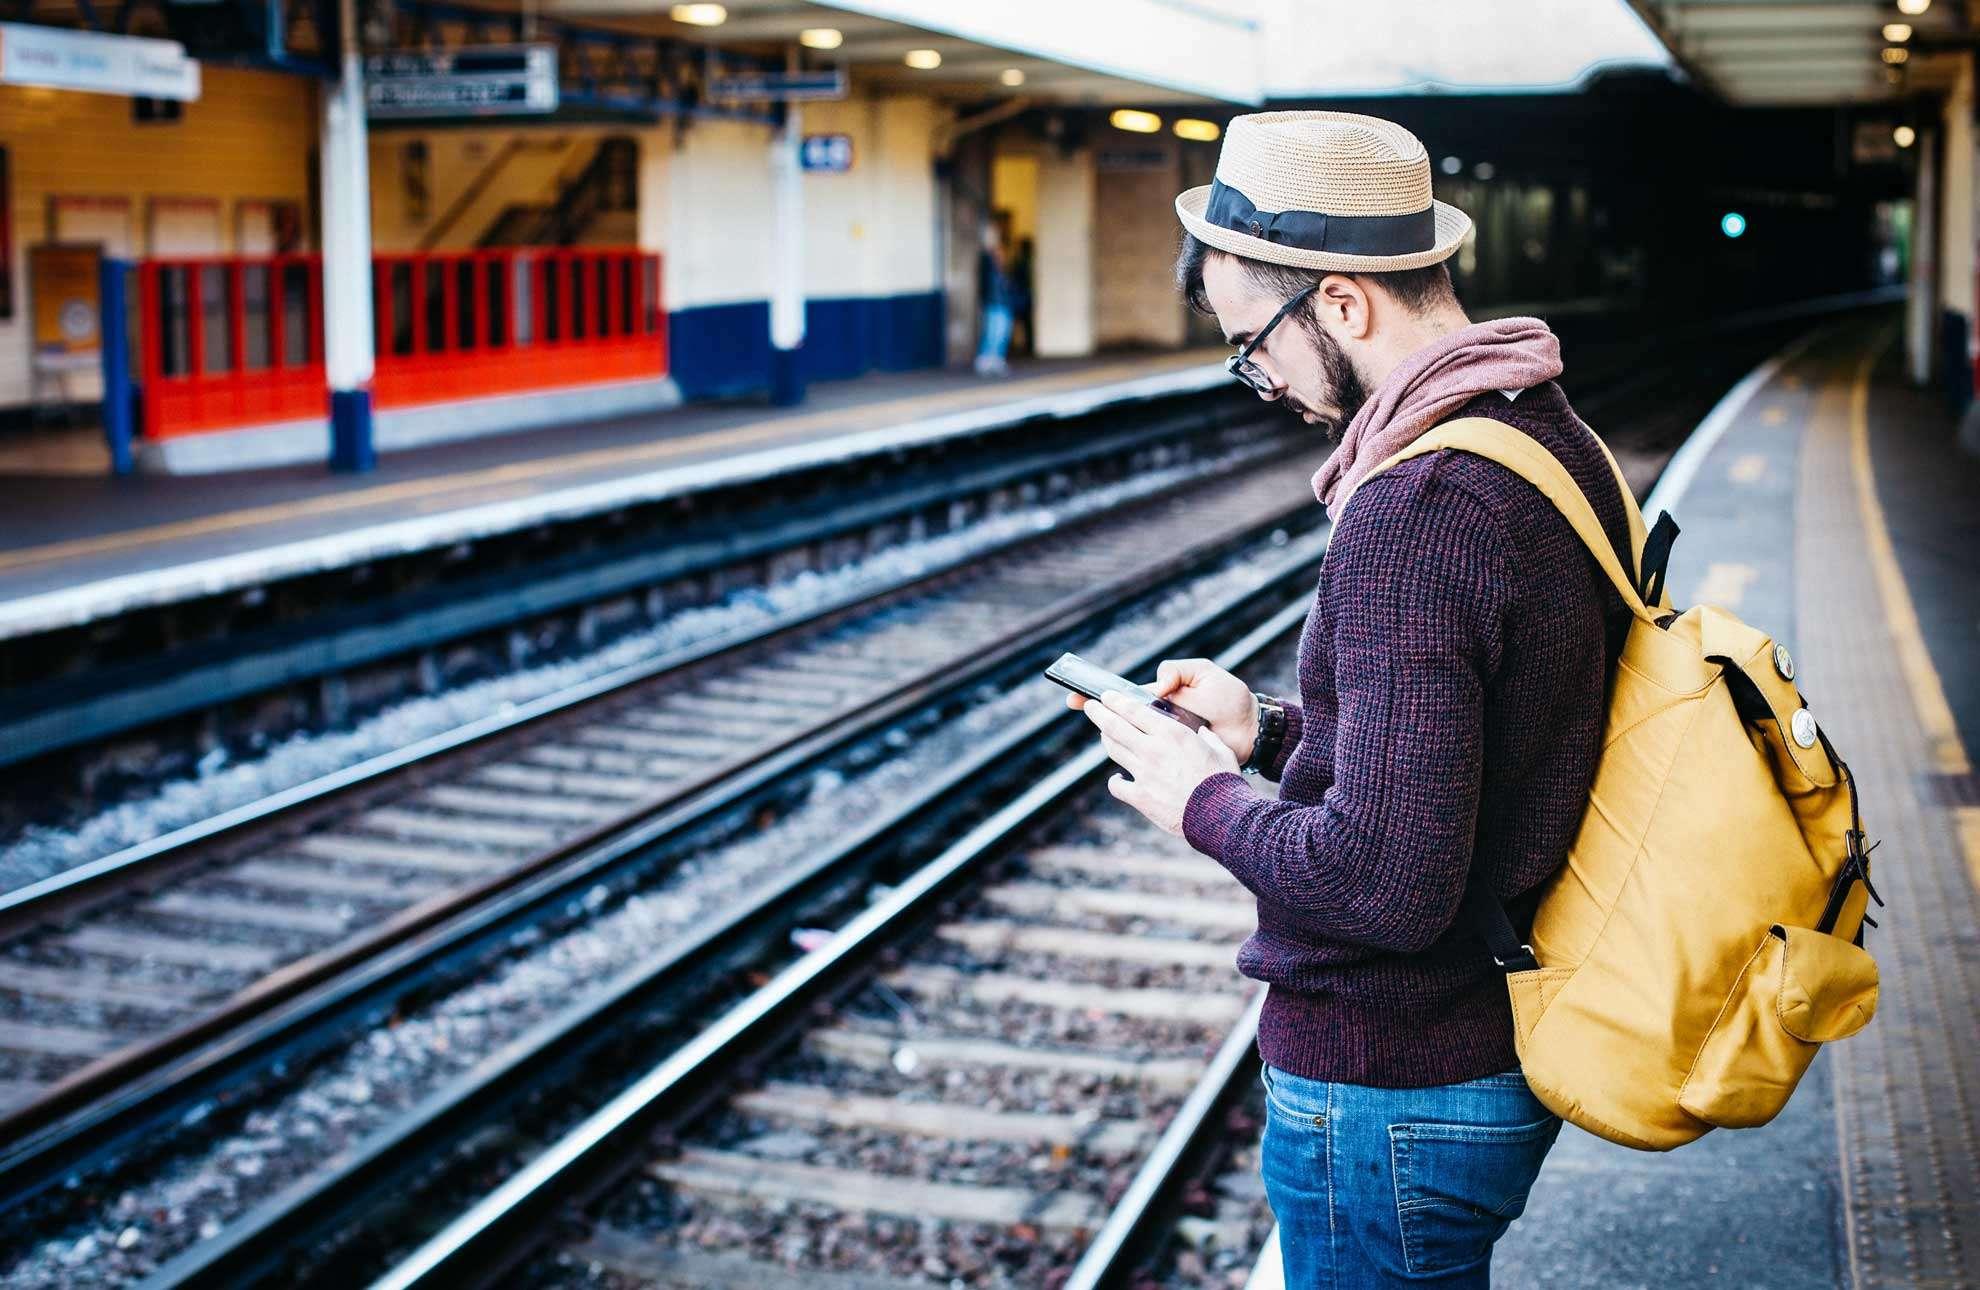 Umfrage: Reisende nutzen zu 97% ihr Smartphone für besseres Urlaubserlebnis